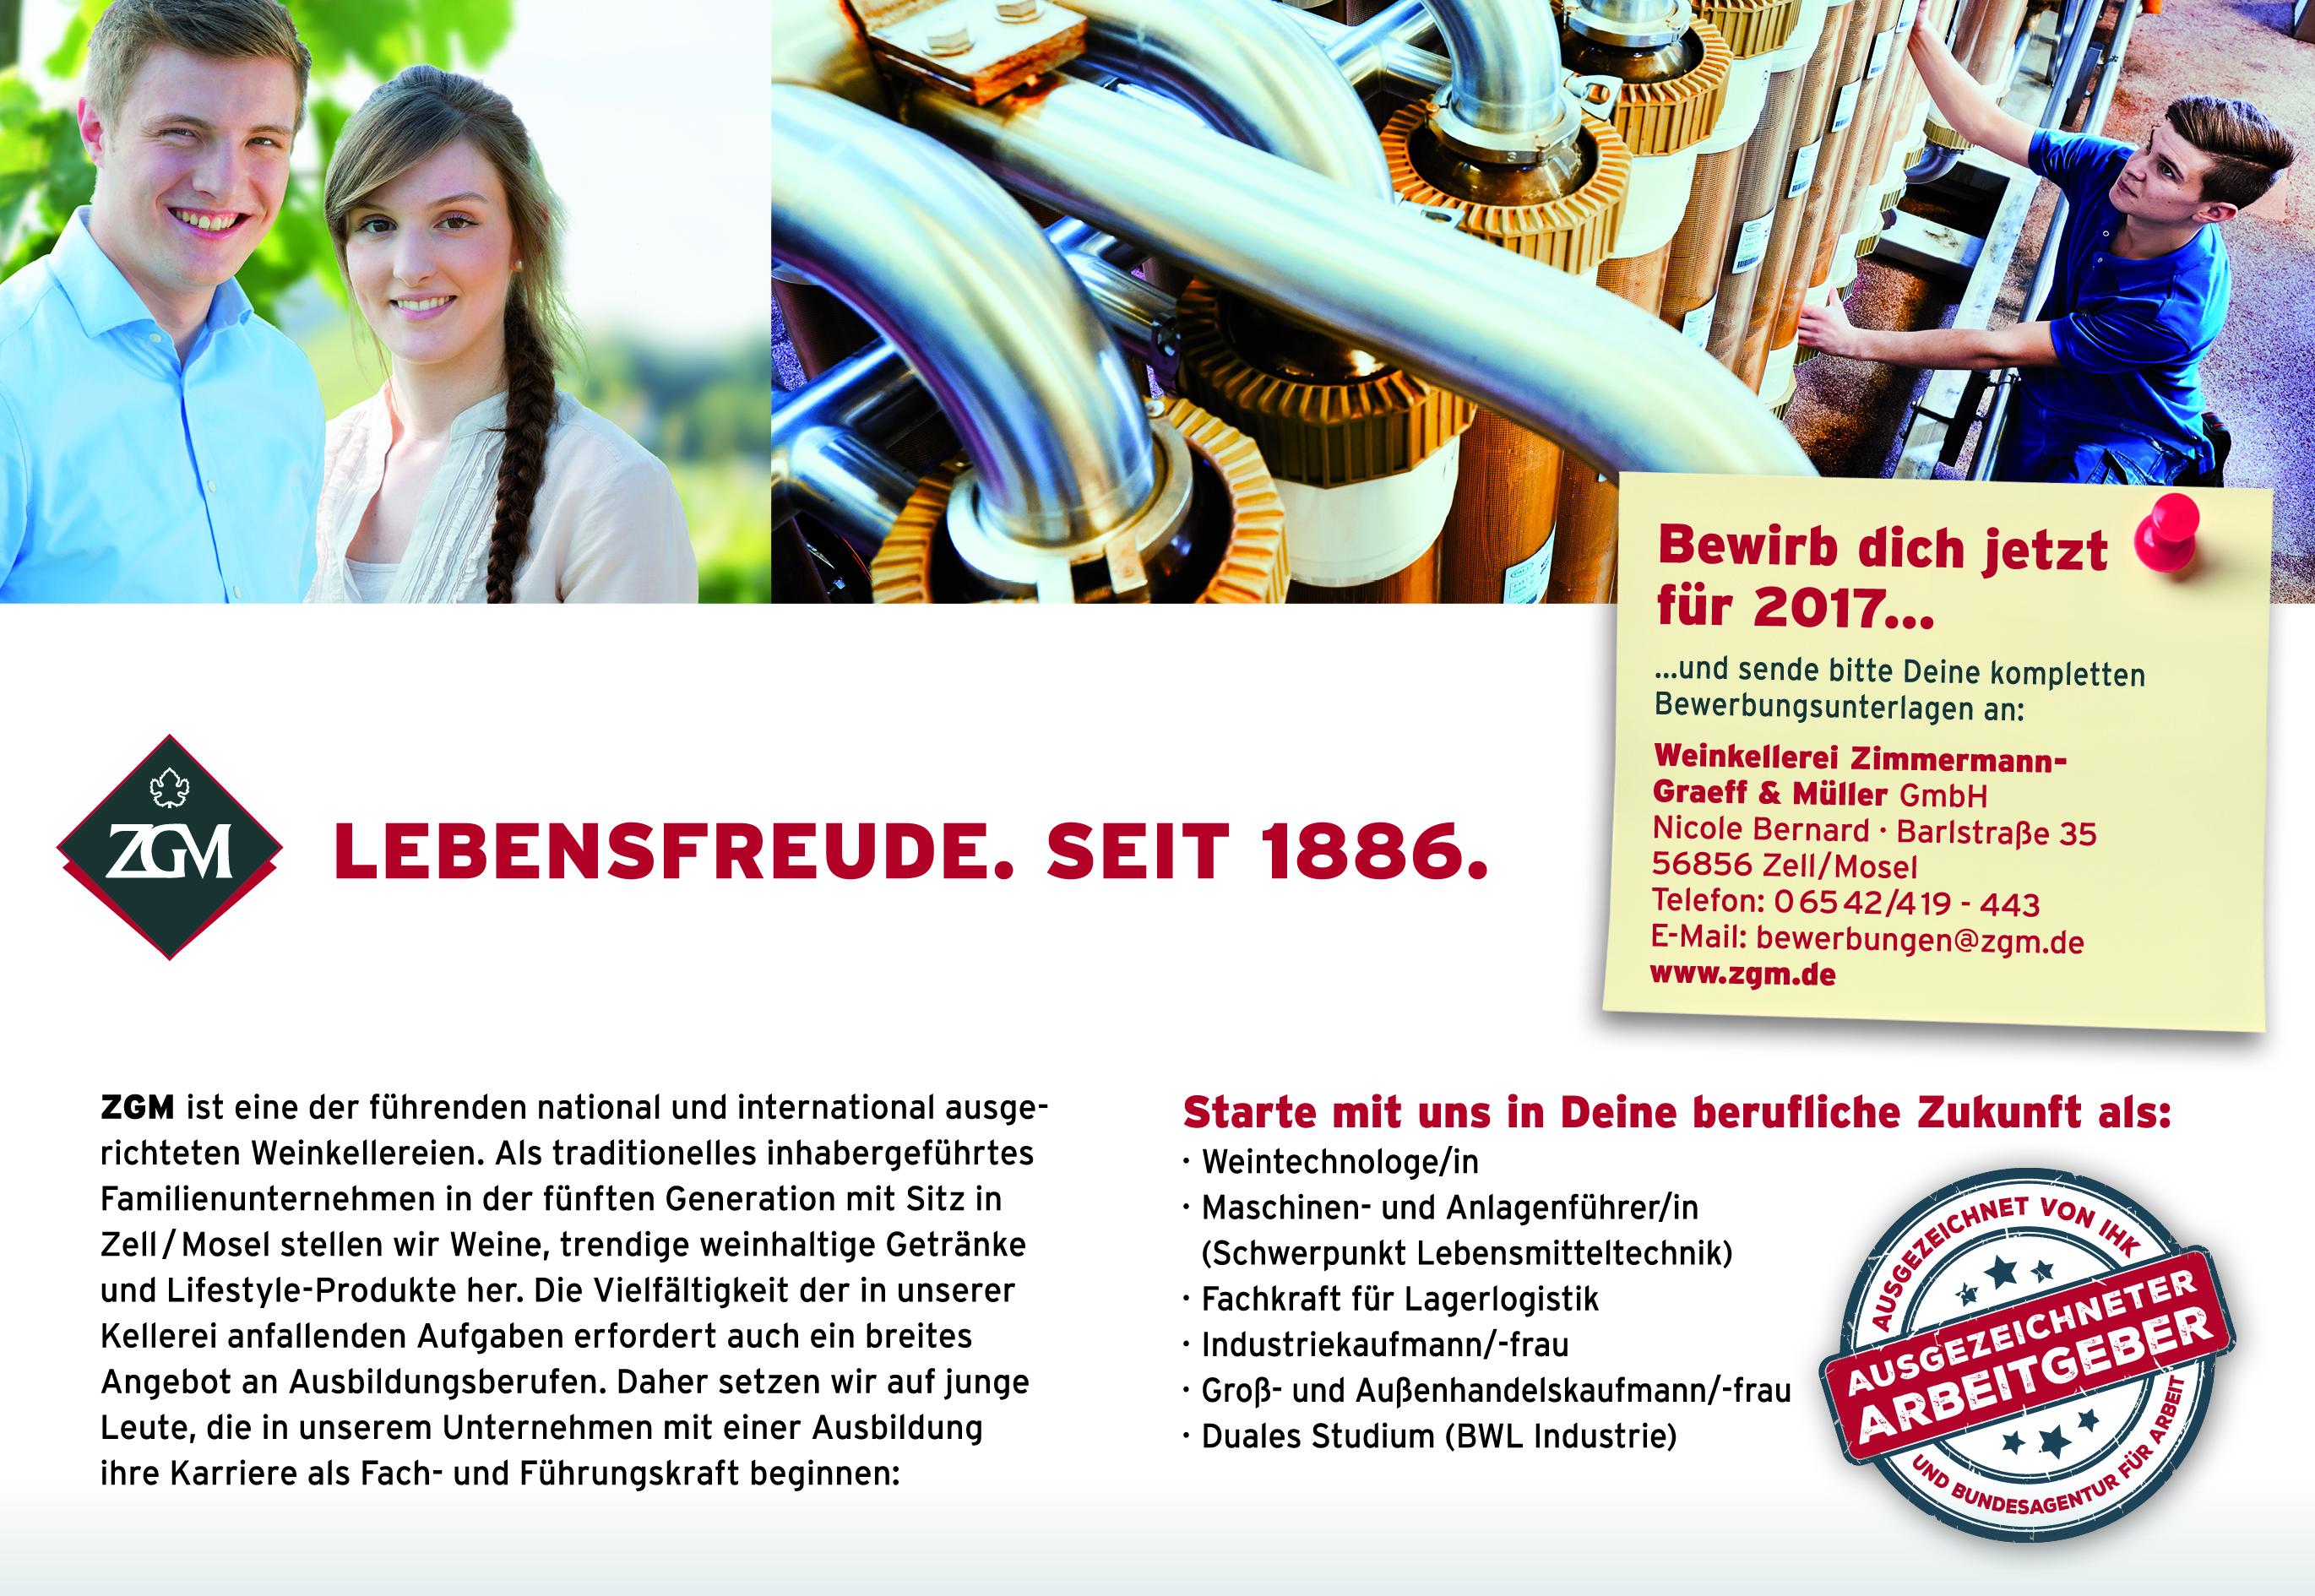 Bewirb Dich jetzt für 2017... - ZGM.de